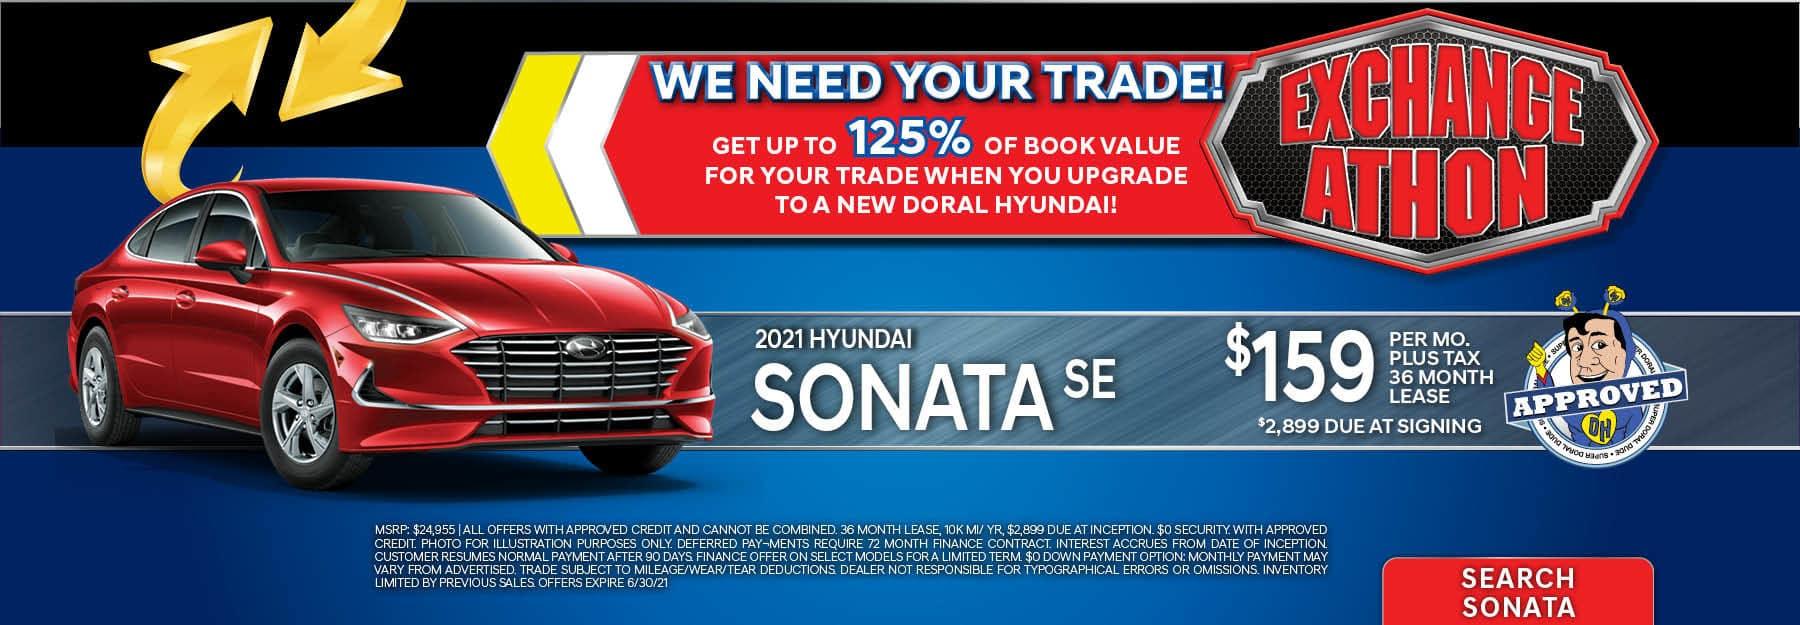 6.2.2021_SONATA